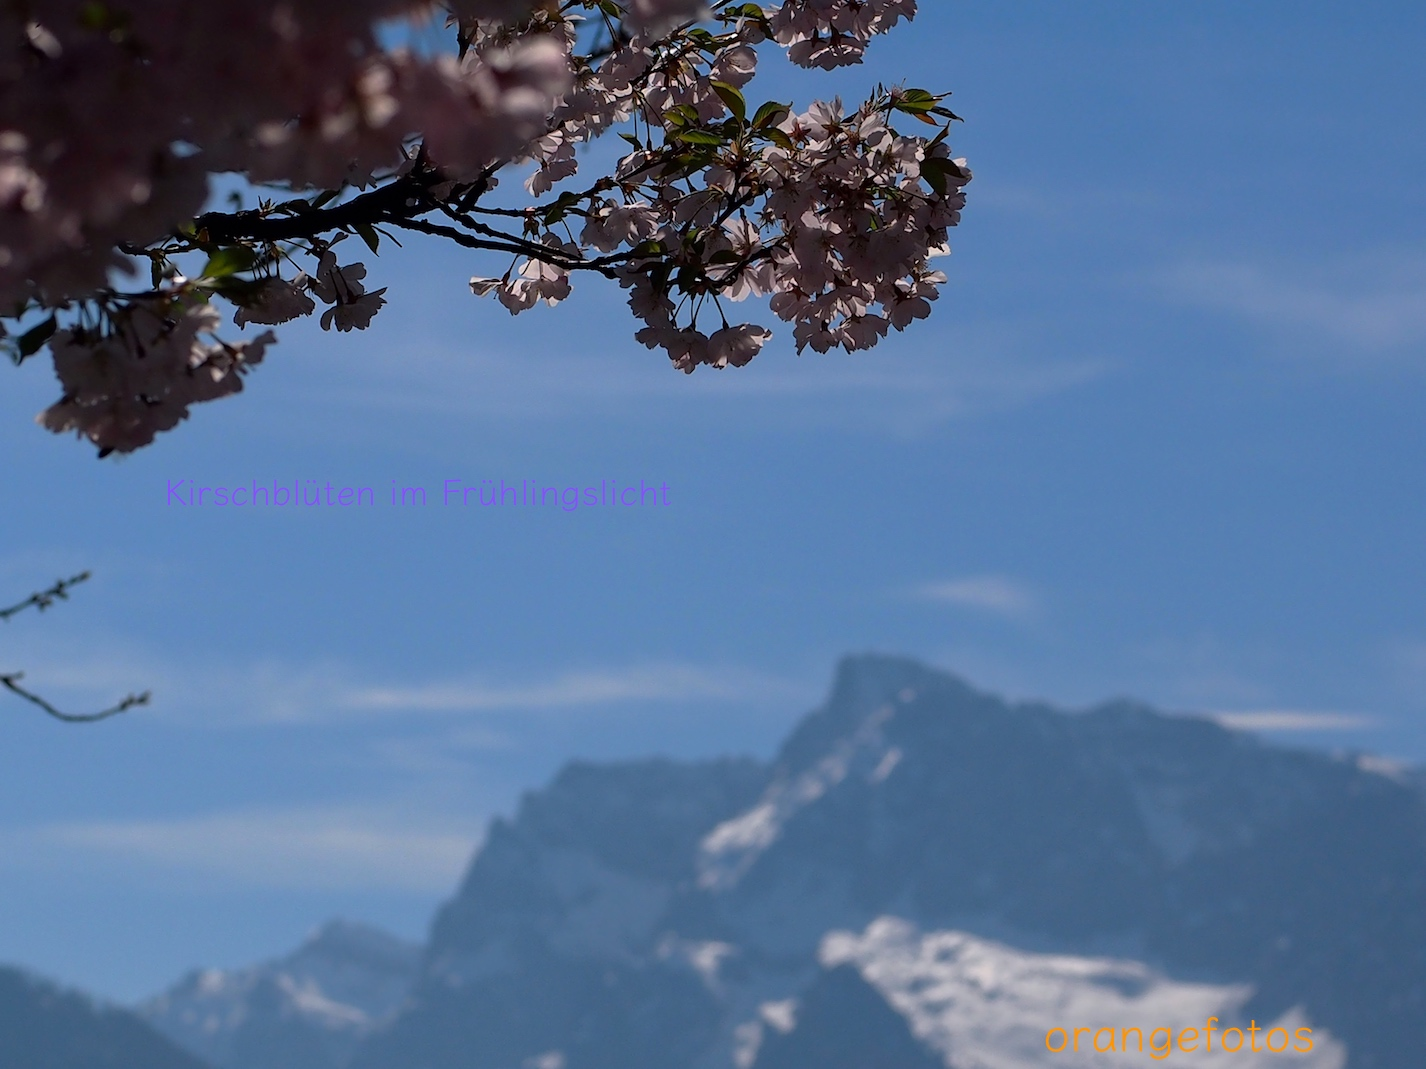 Kirschblüten mit Watzmann.jpg